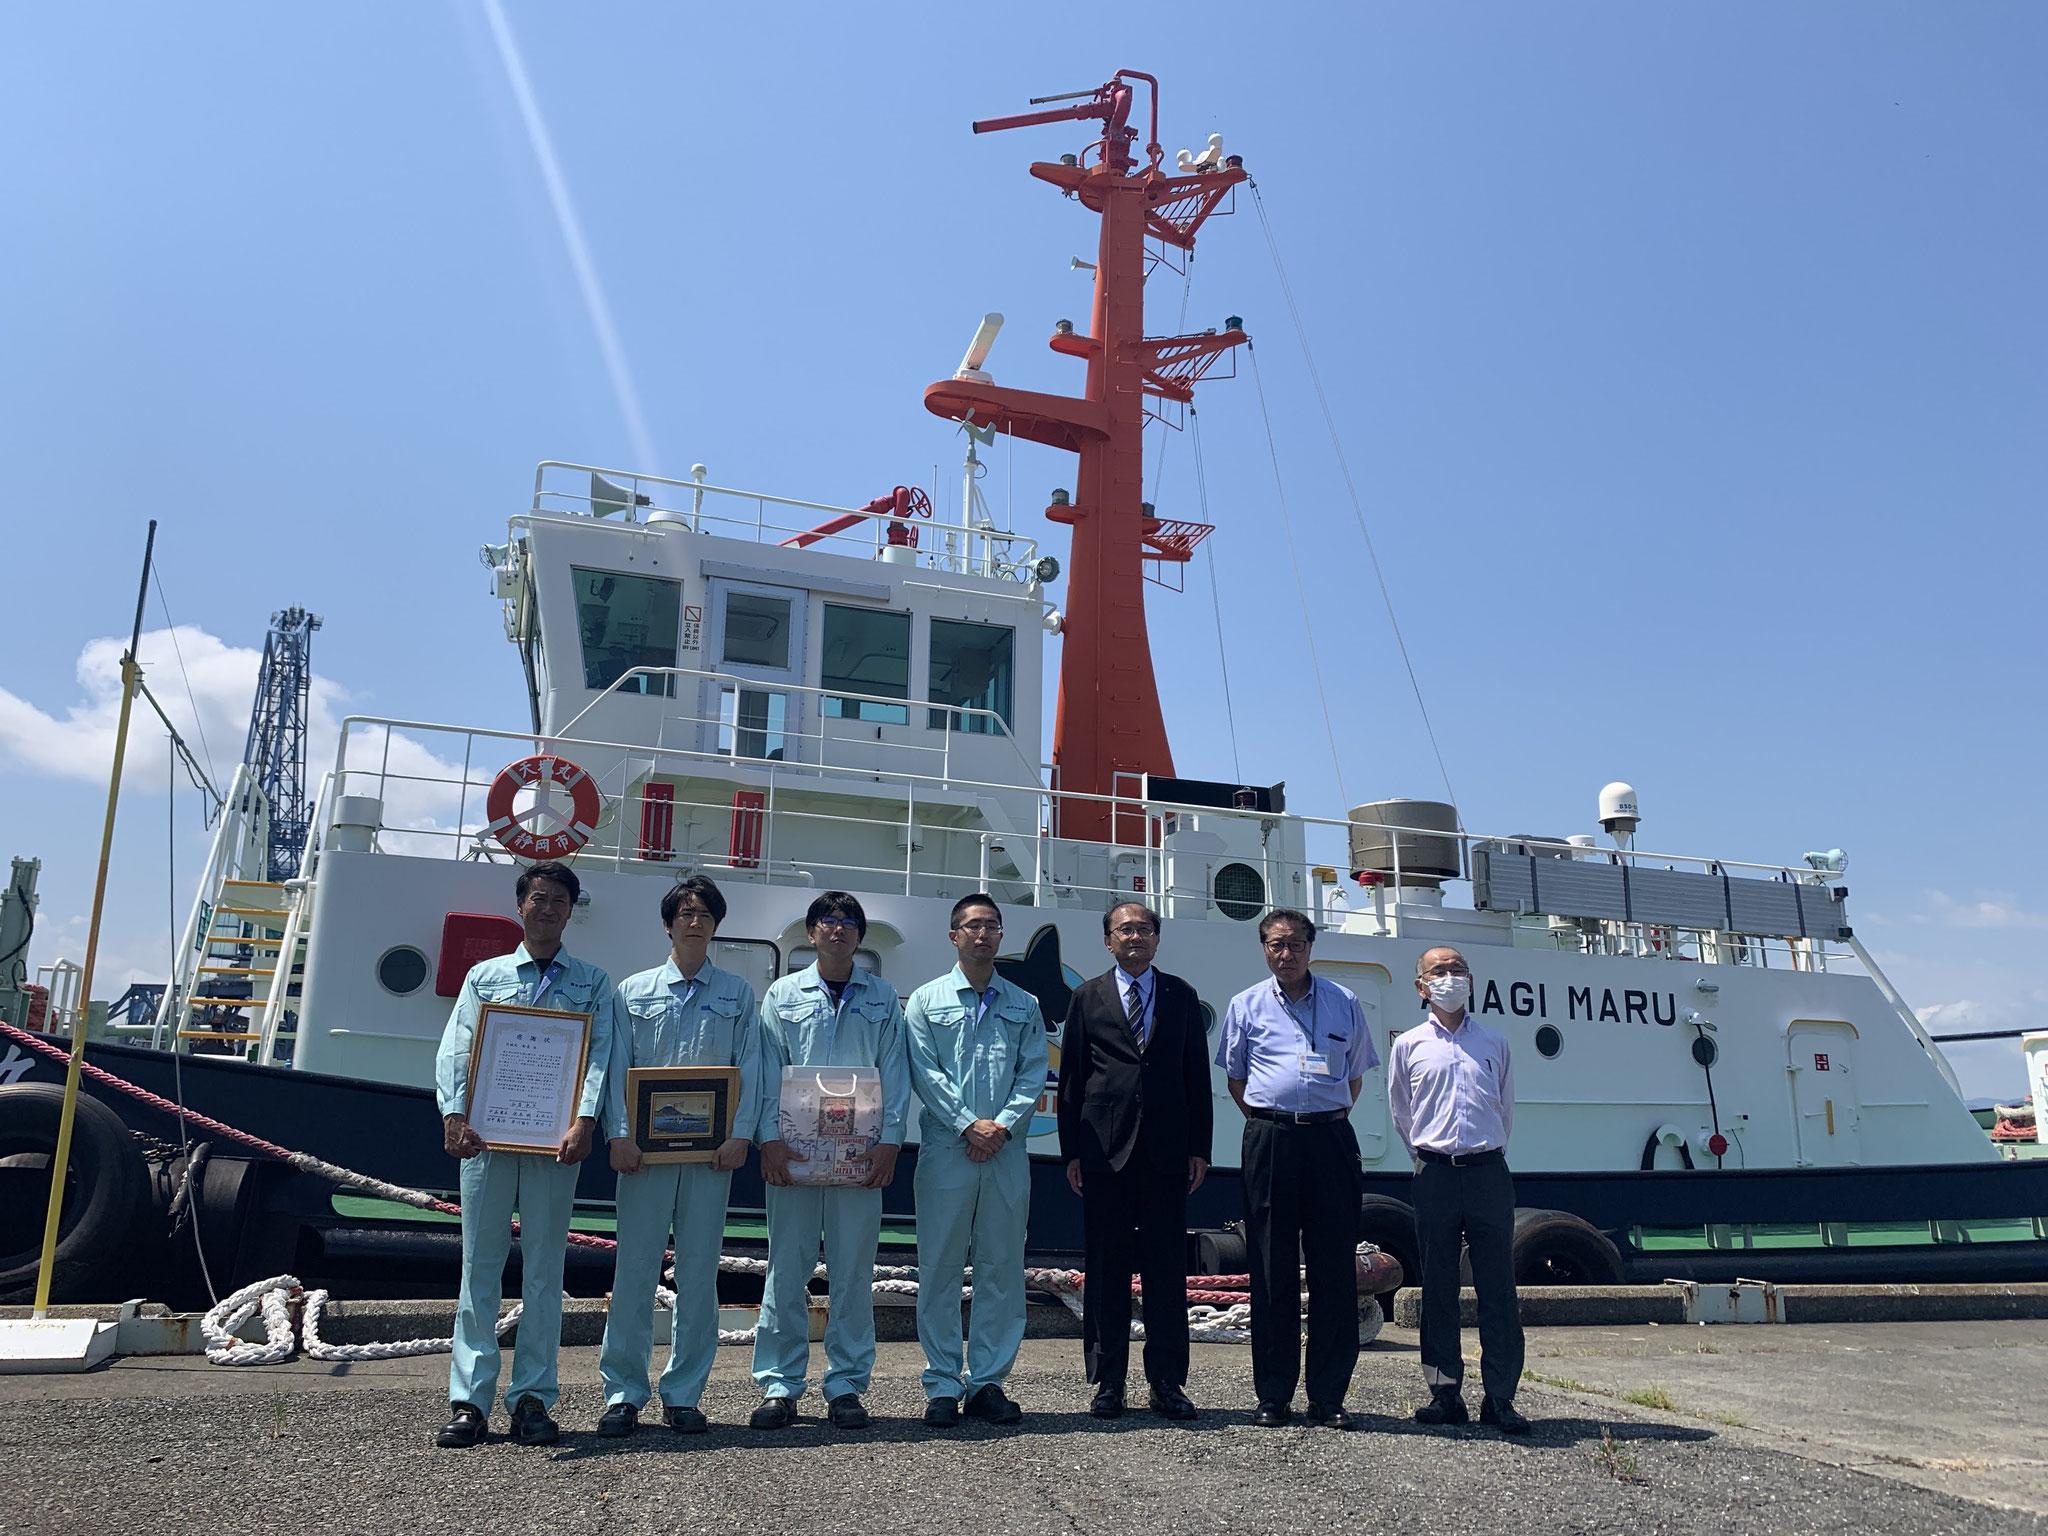 天城丸とみなさま_(右から三番目)清水港管理局長